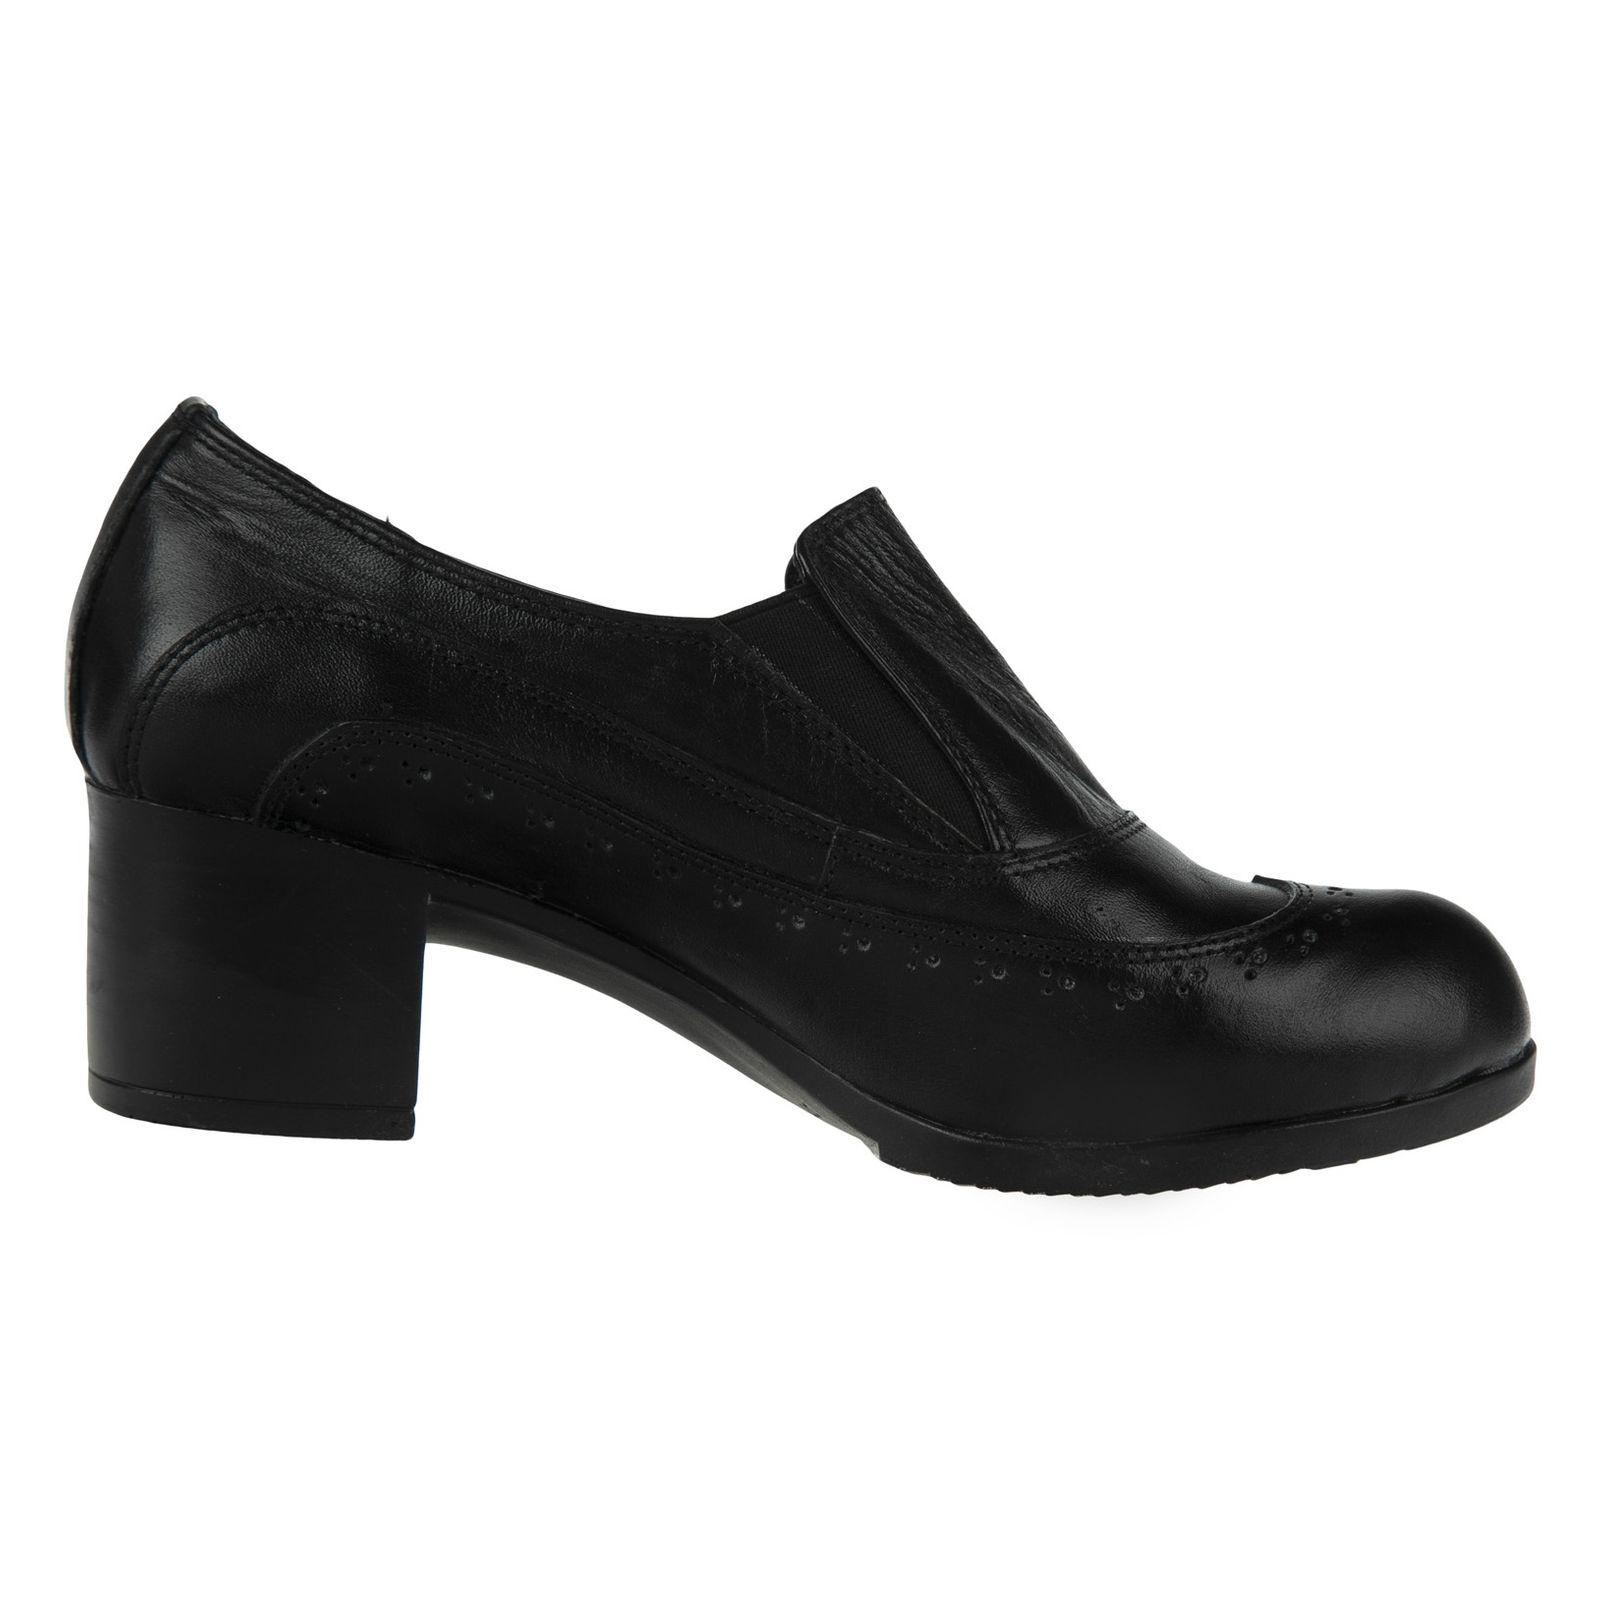 کفش زنانه بلوط مدل BT5144B-101 main 1 2